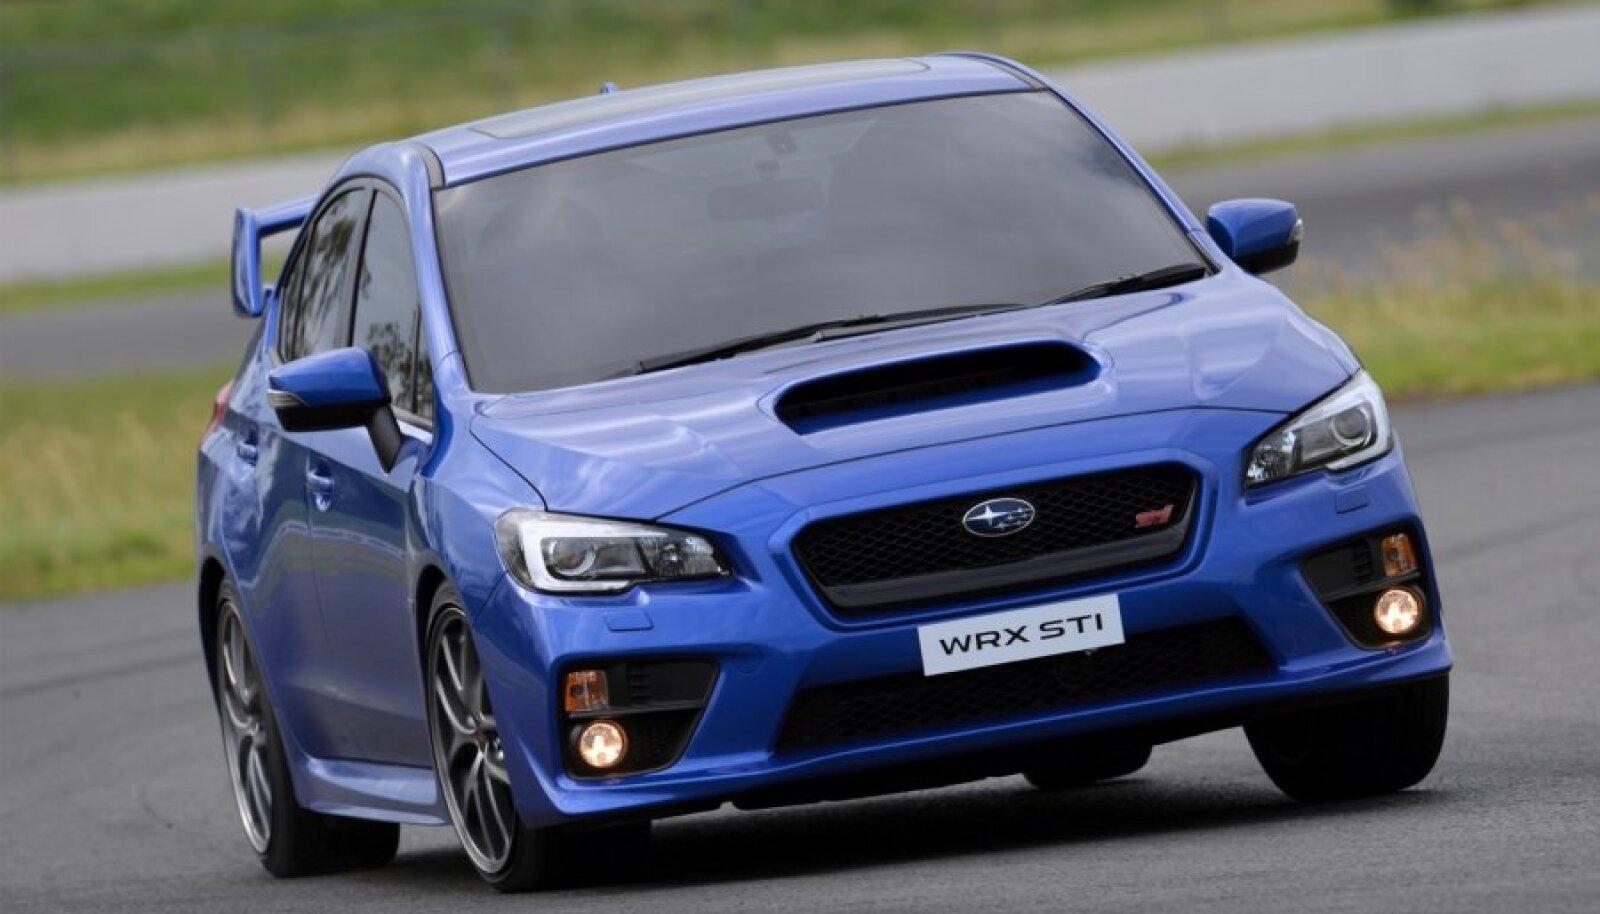 Subaru WRX STI on justkui kahestunud isiksus: sõiduomadused ja välimus pakatavad testosteroonist ning salongi ruumikus ja mugavus räägib taltsast pereautost.